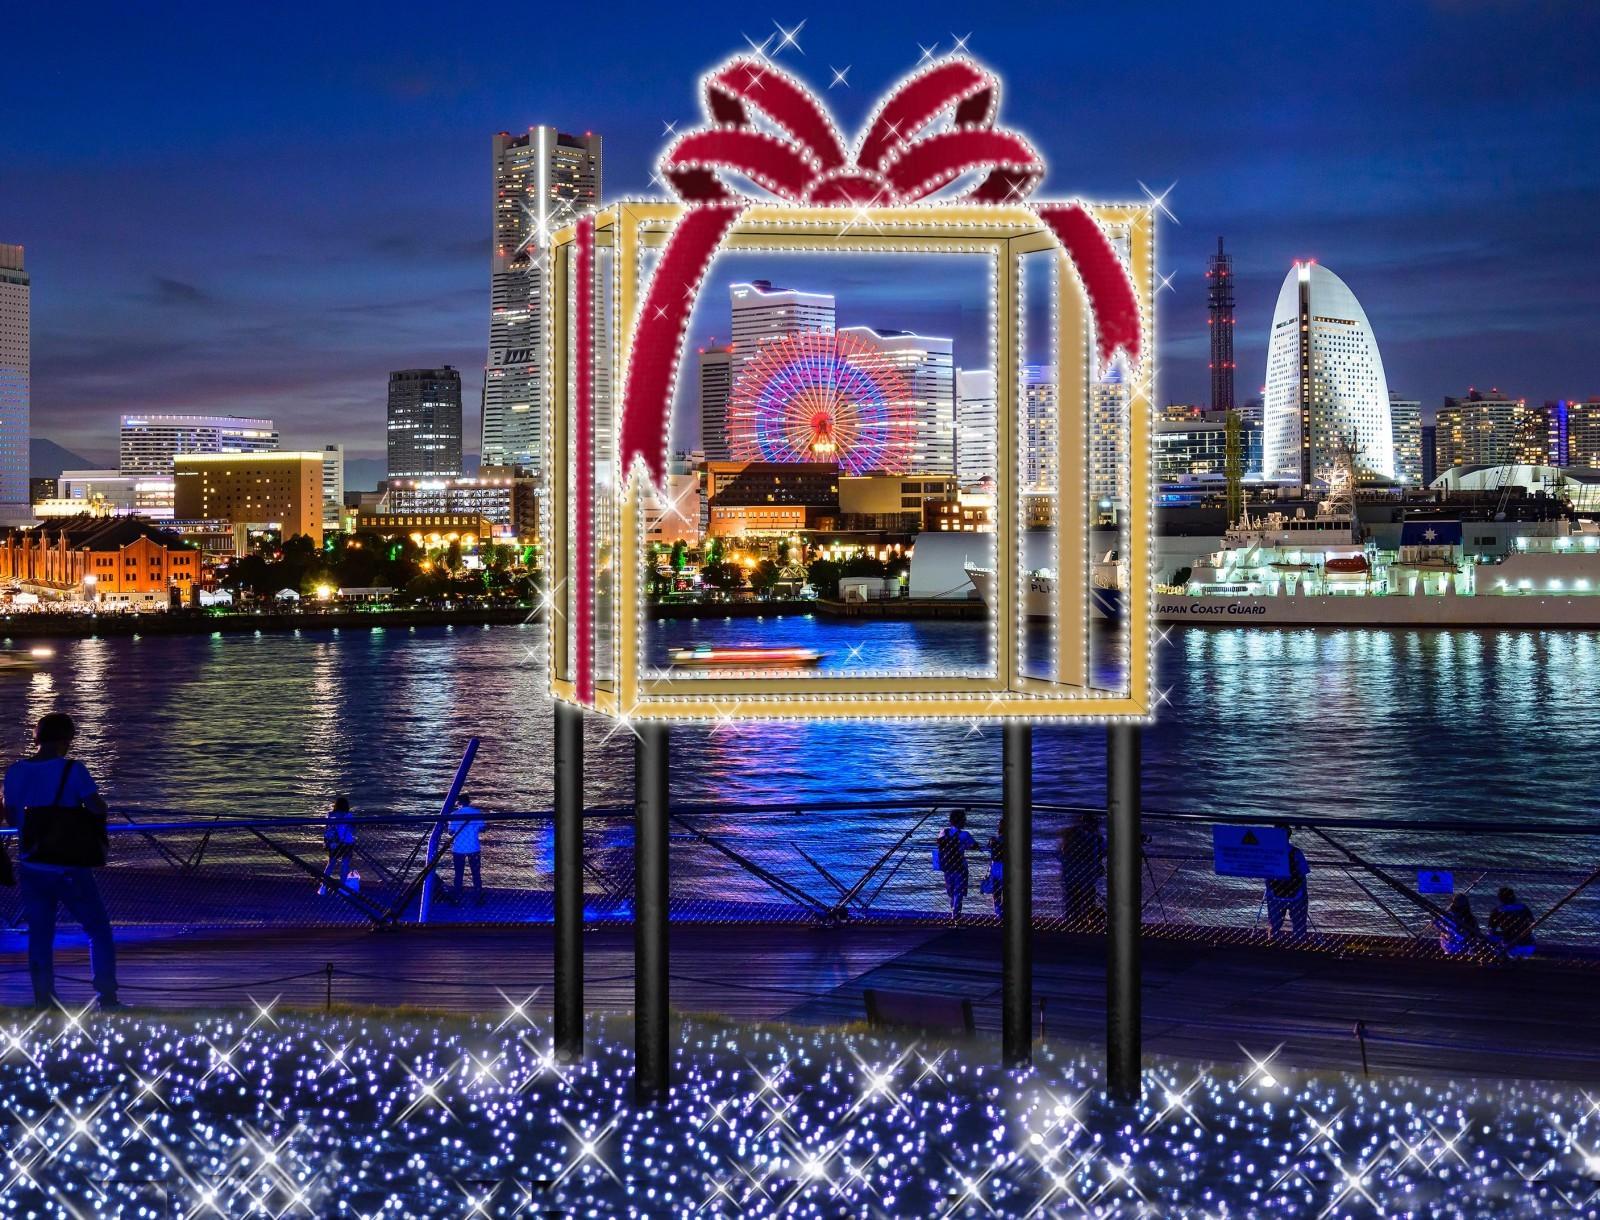 横浜港大さん橋『横浜港フォトジェニックイルミネーション』